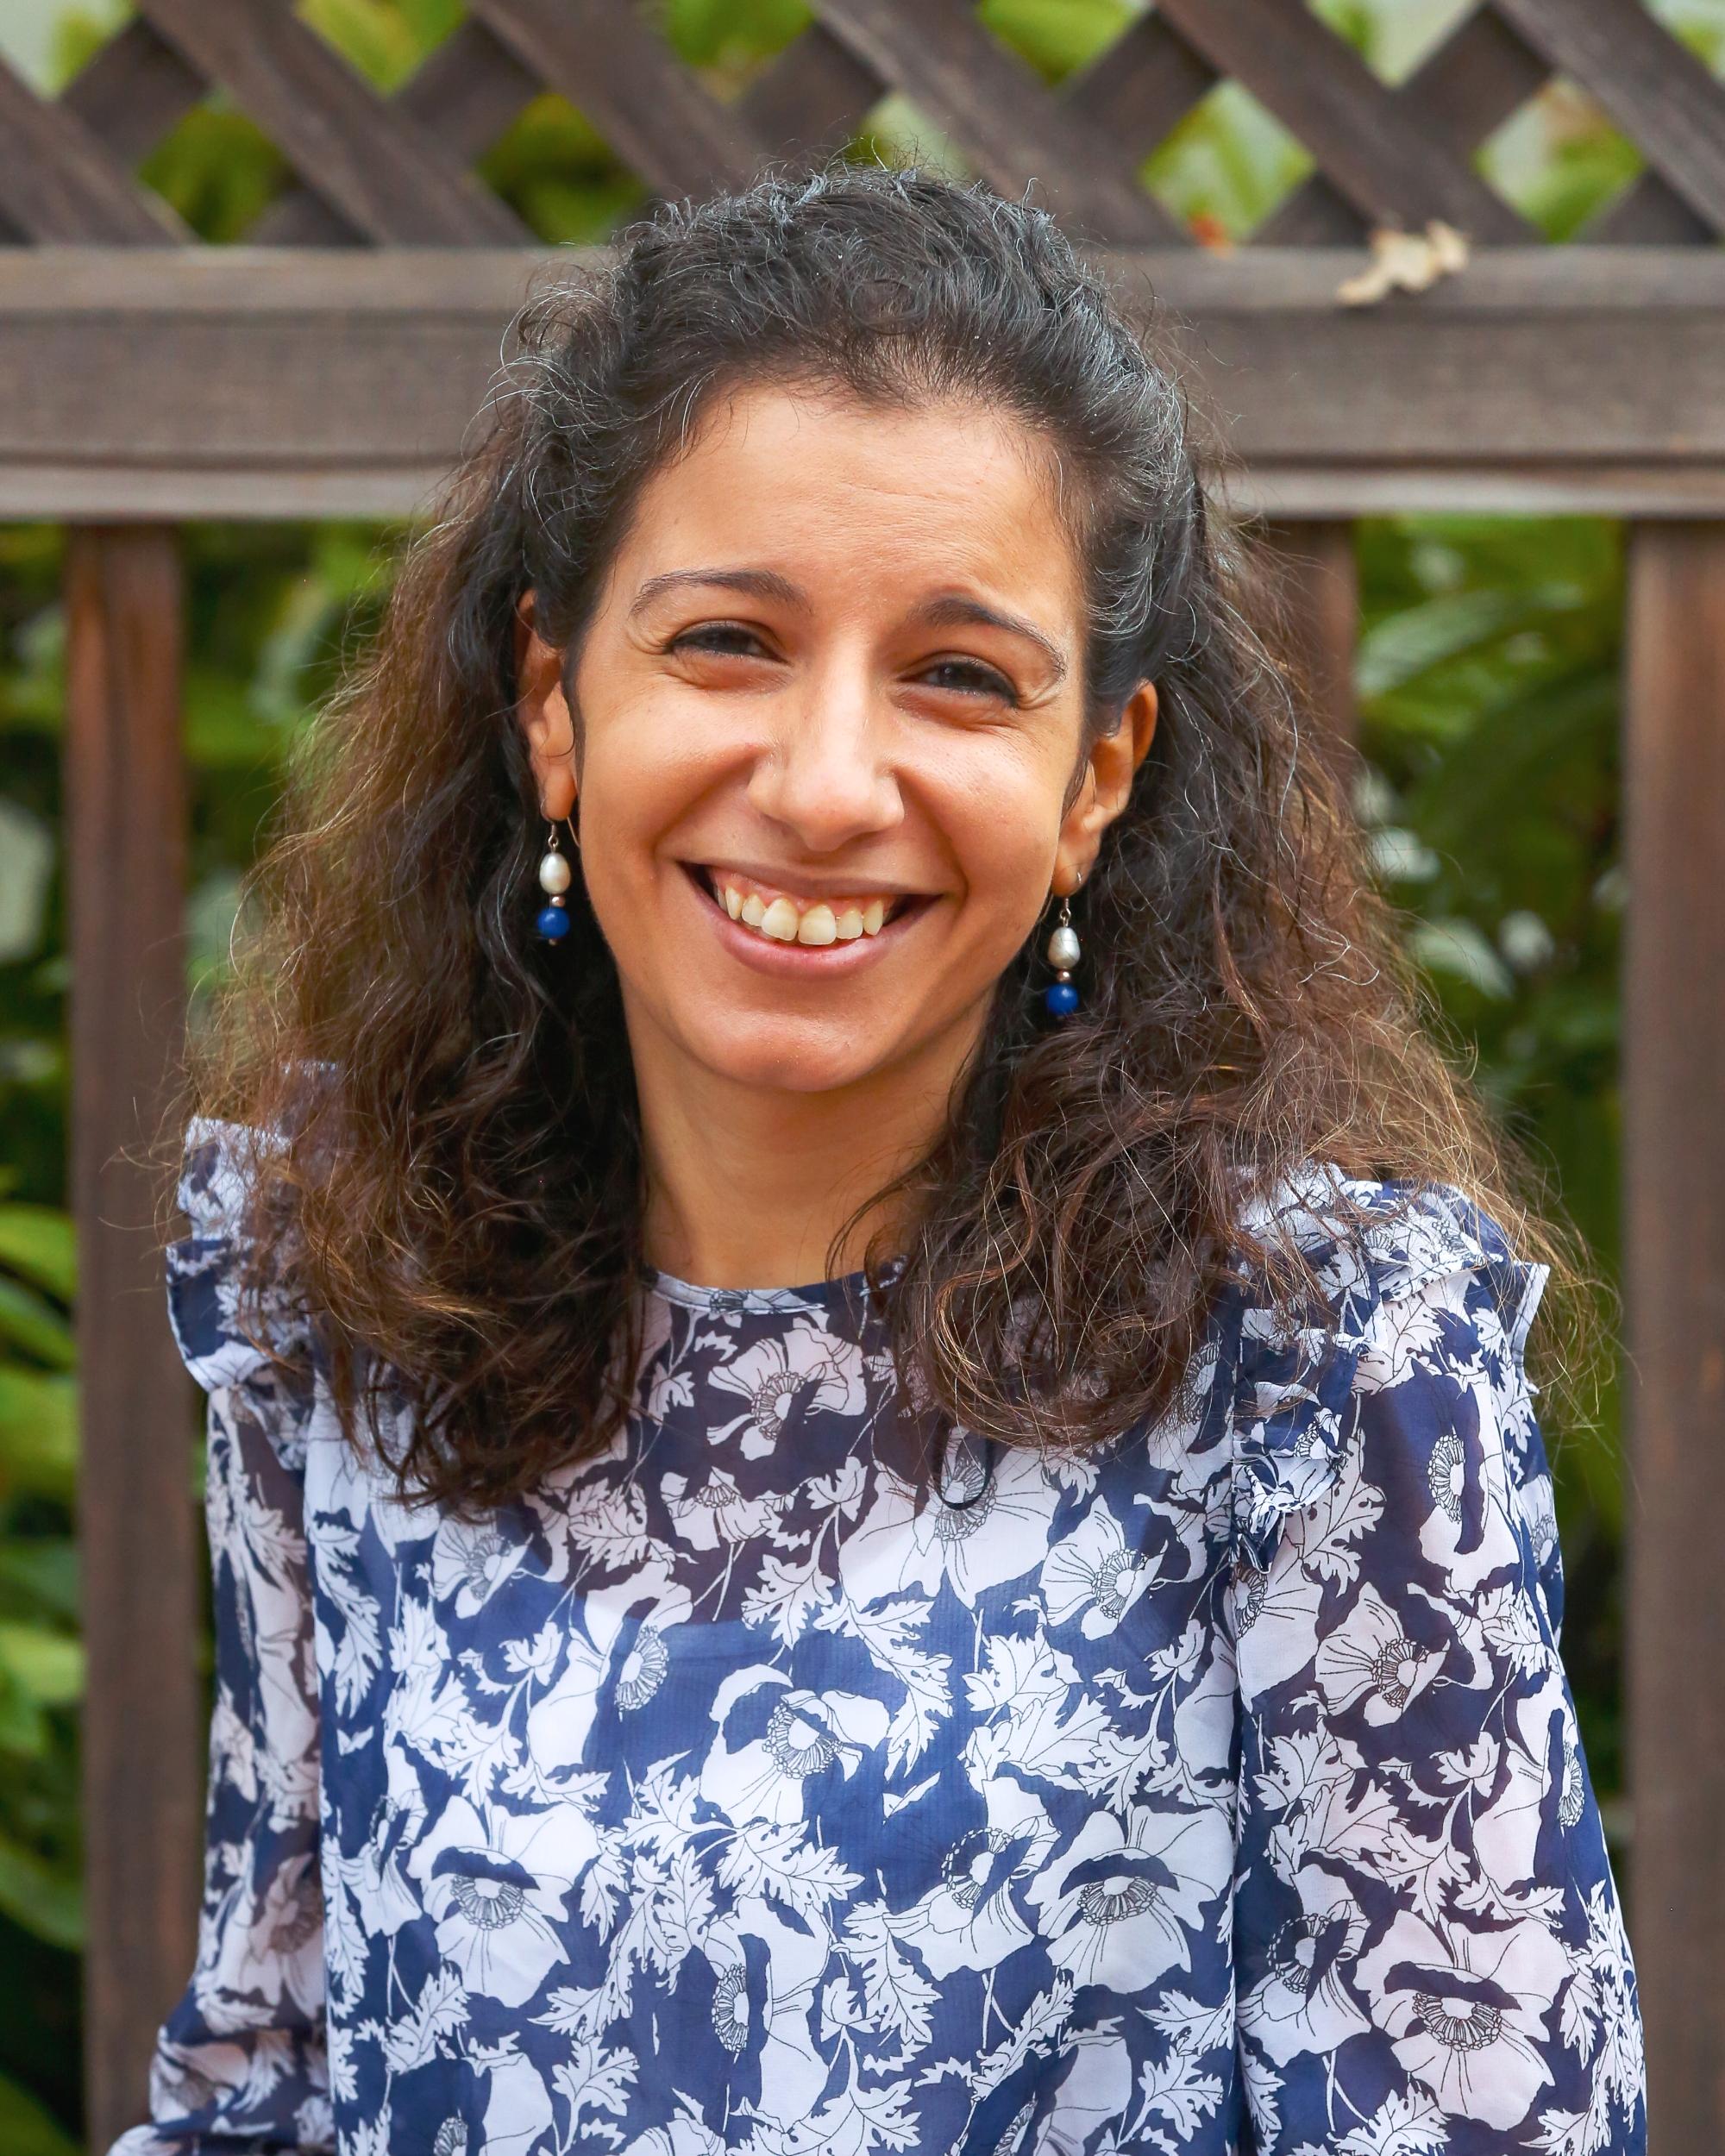 Ana Pineu